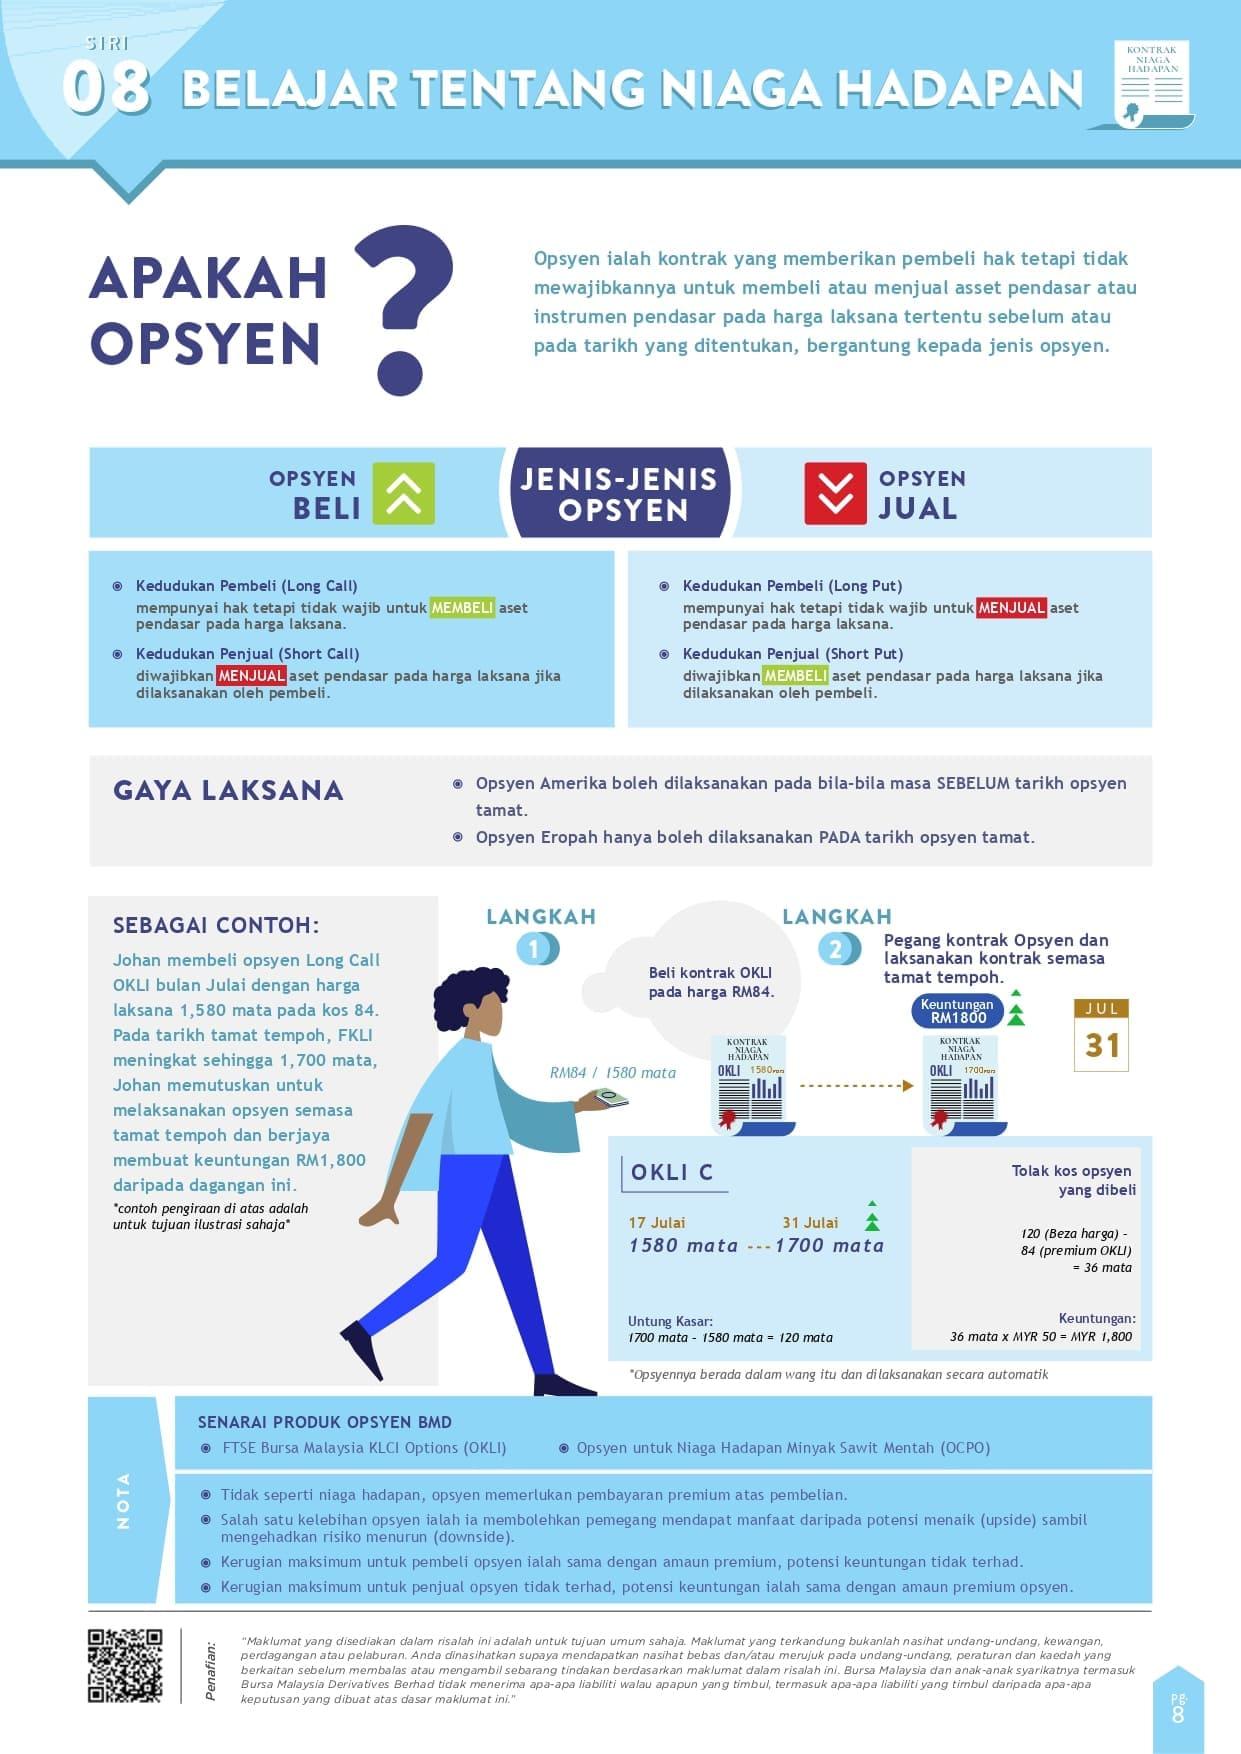 Siri Infografik Jom Belajar Niaga Hadapan 08